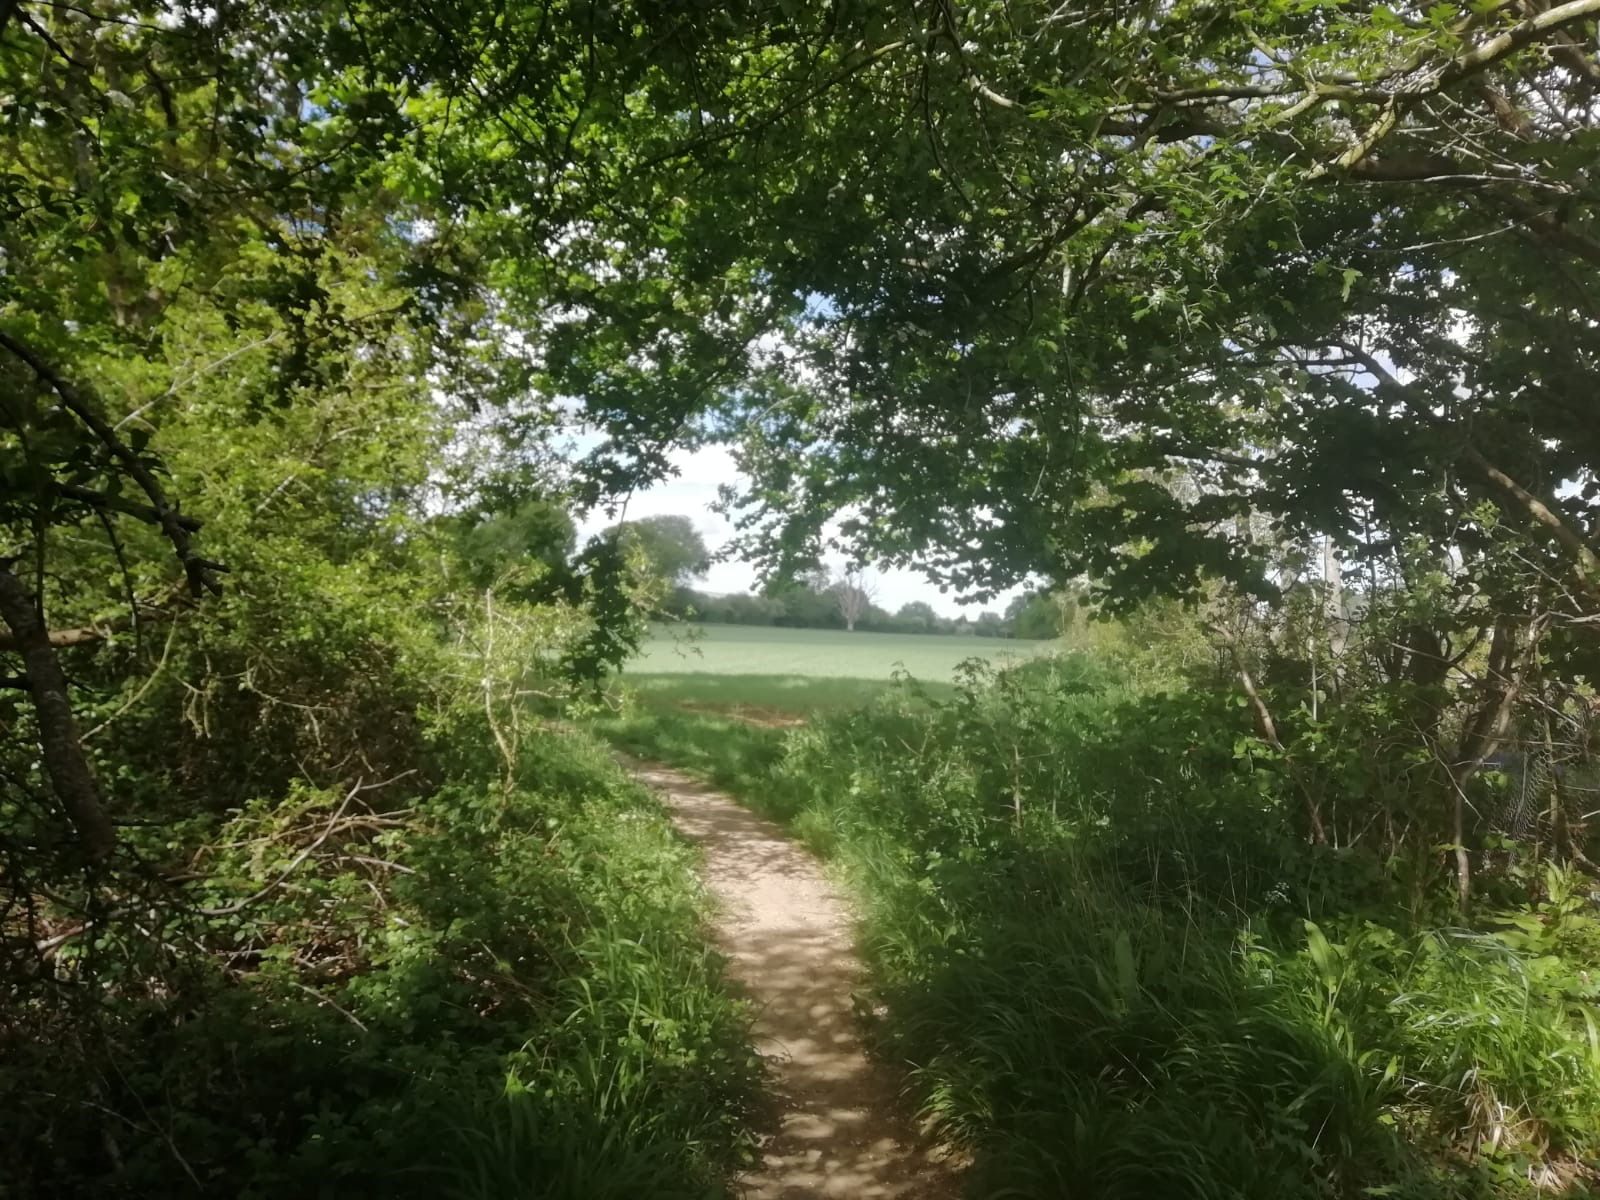 a path